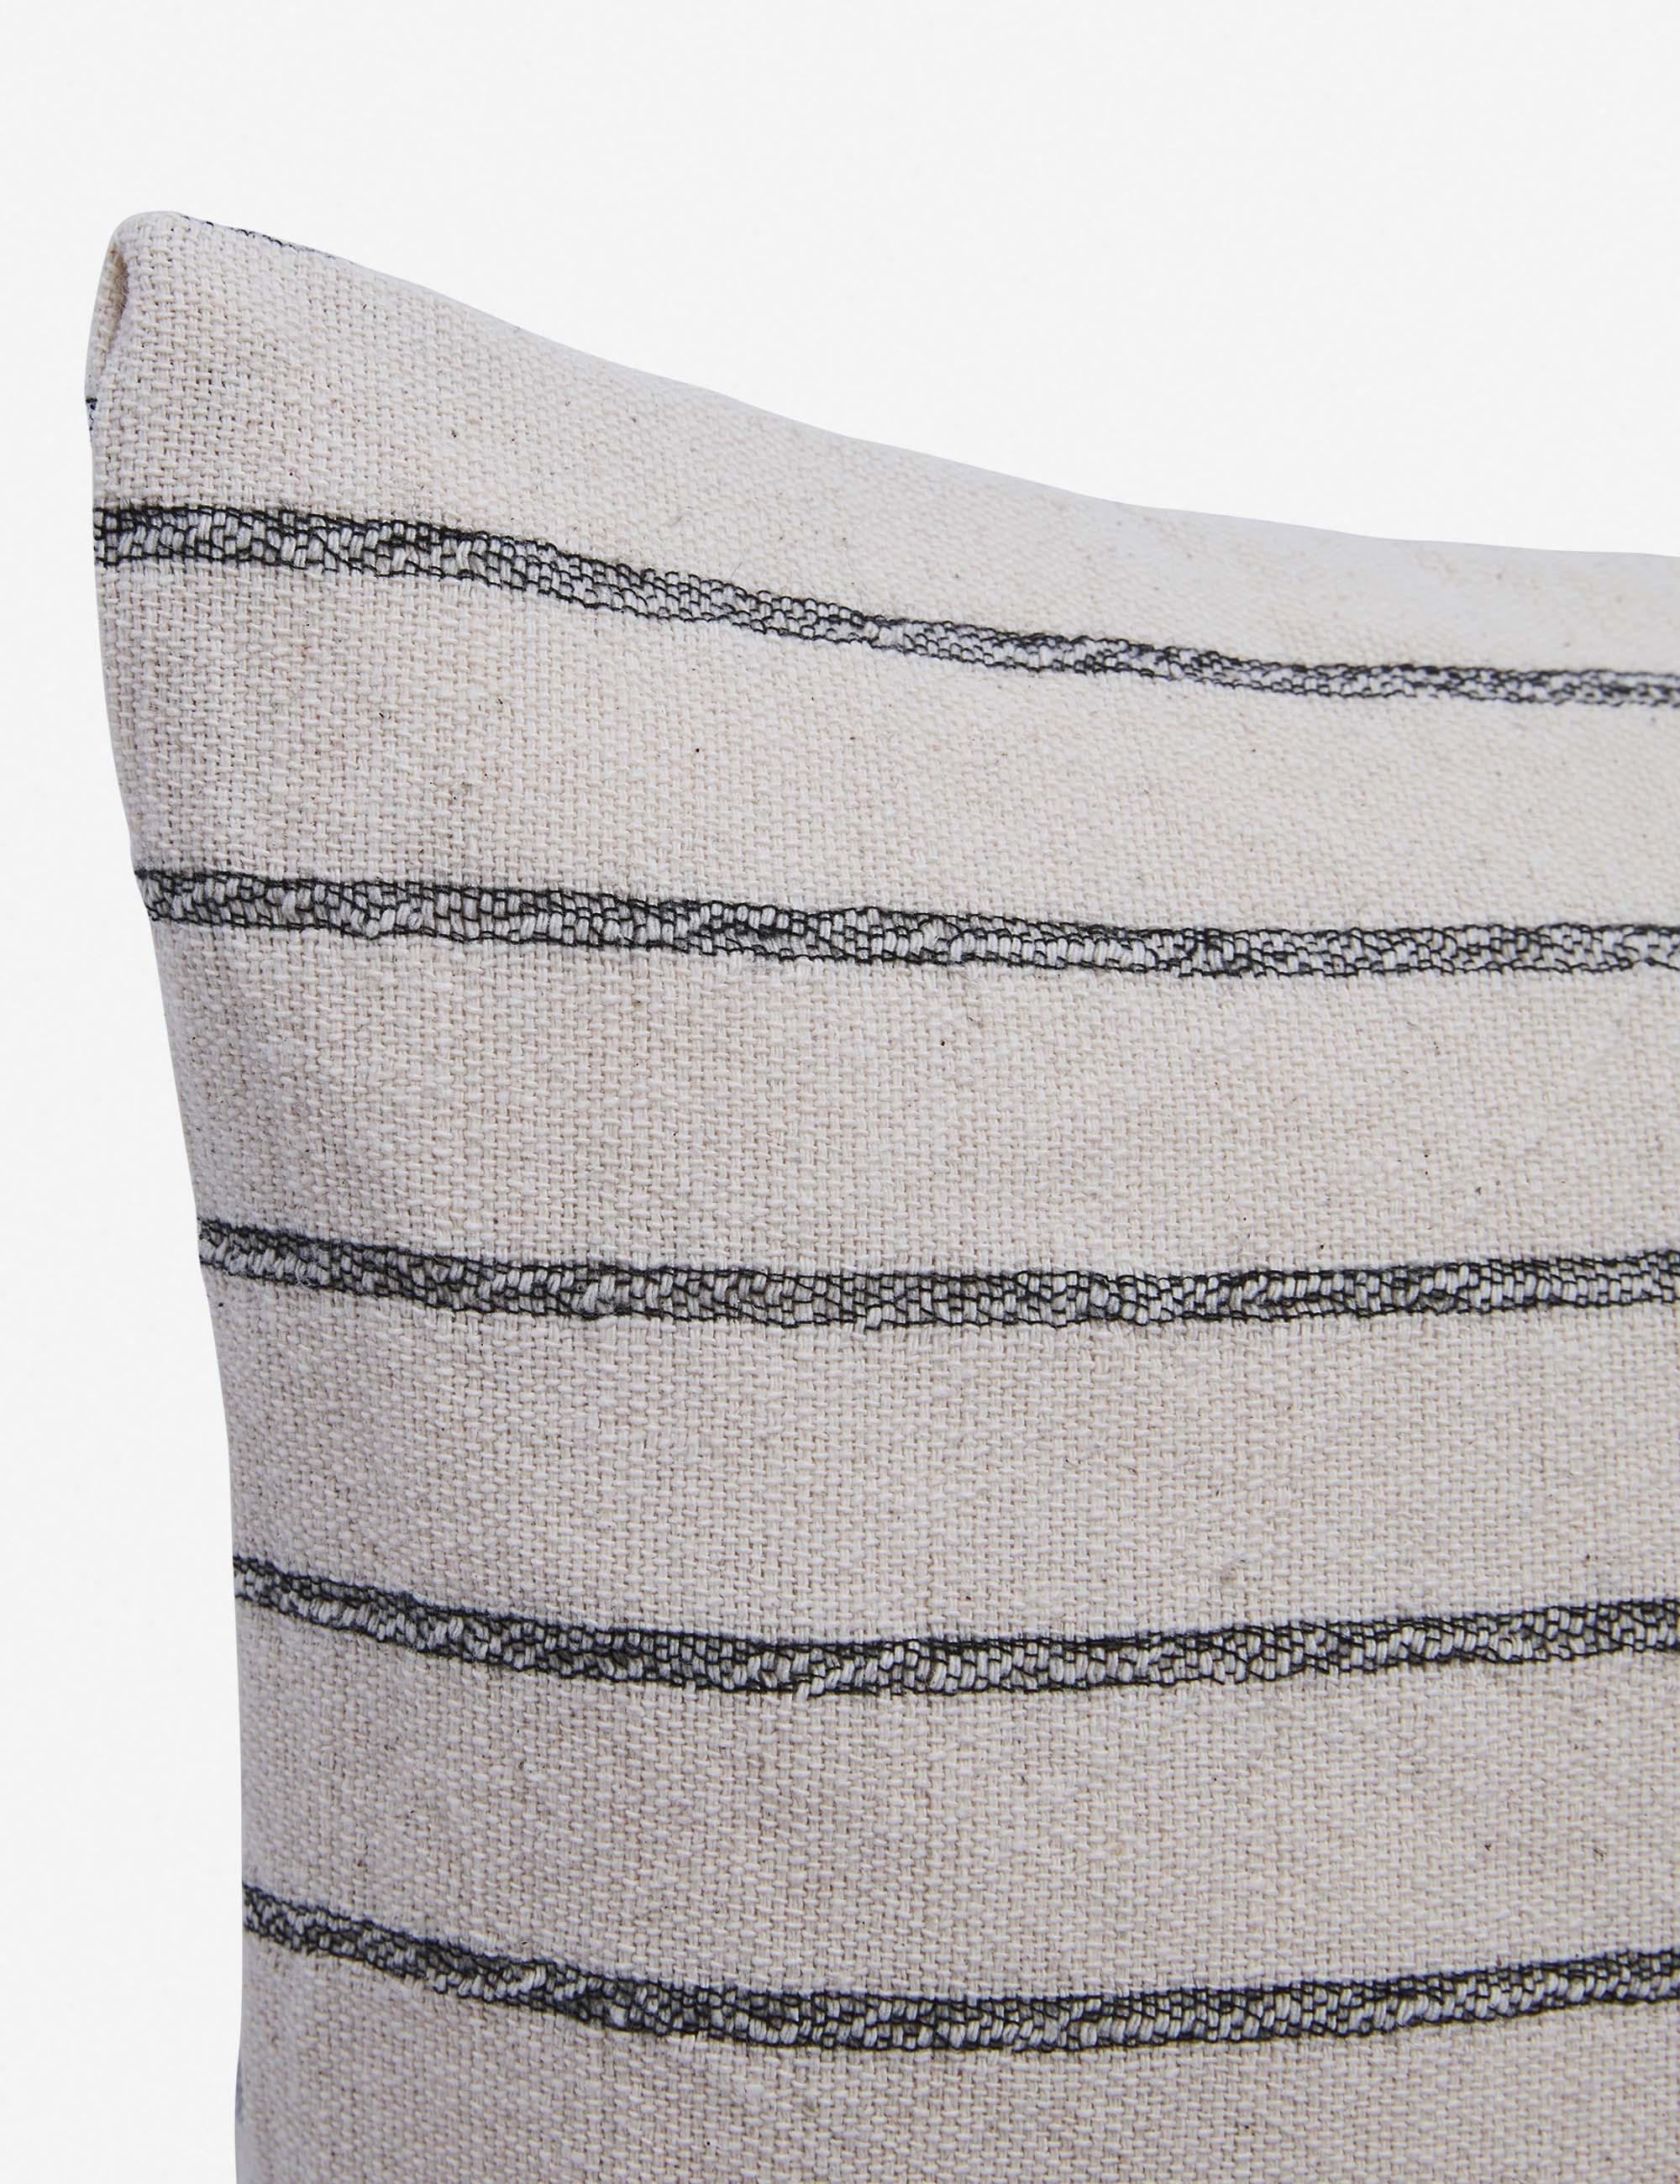 Ojai Pillow, Black